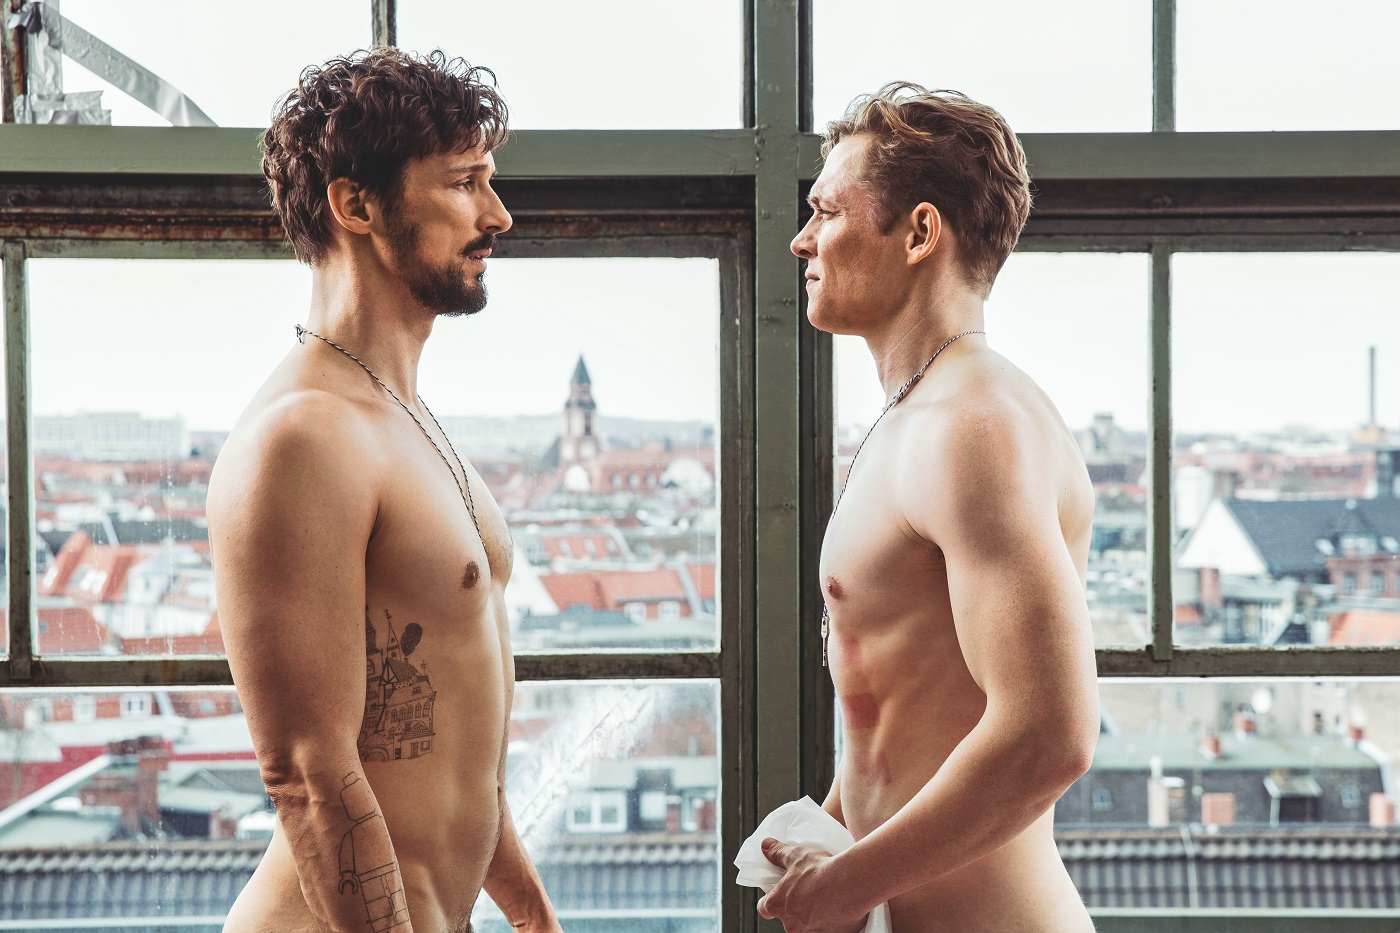 独版「ぐらんぶる」?ドイツの国民的イケメン細マッチョコンビが全裸で大暴れする『100日間のシンプルライフ』